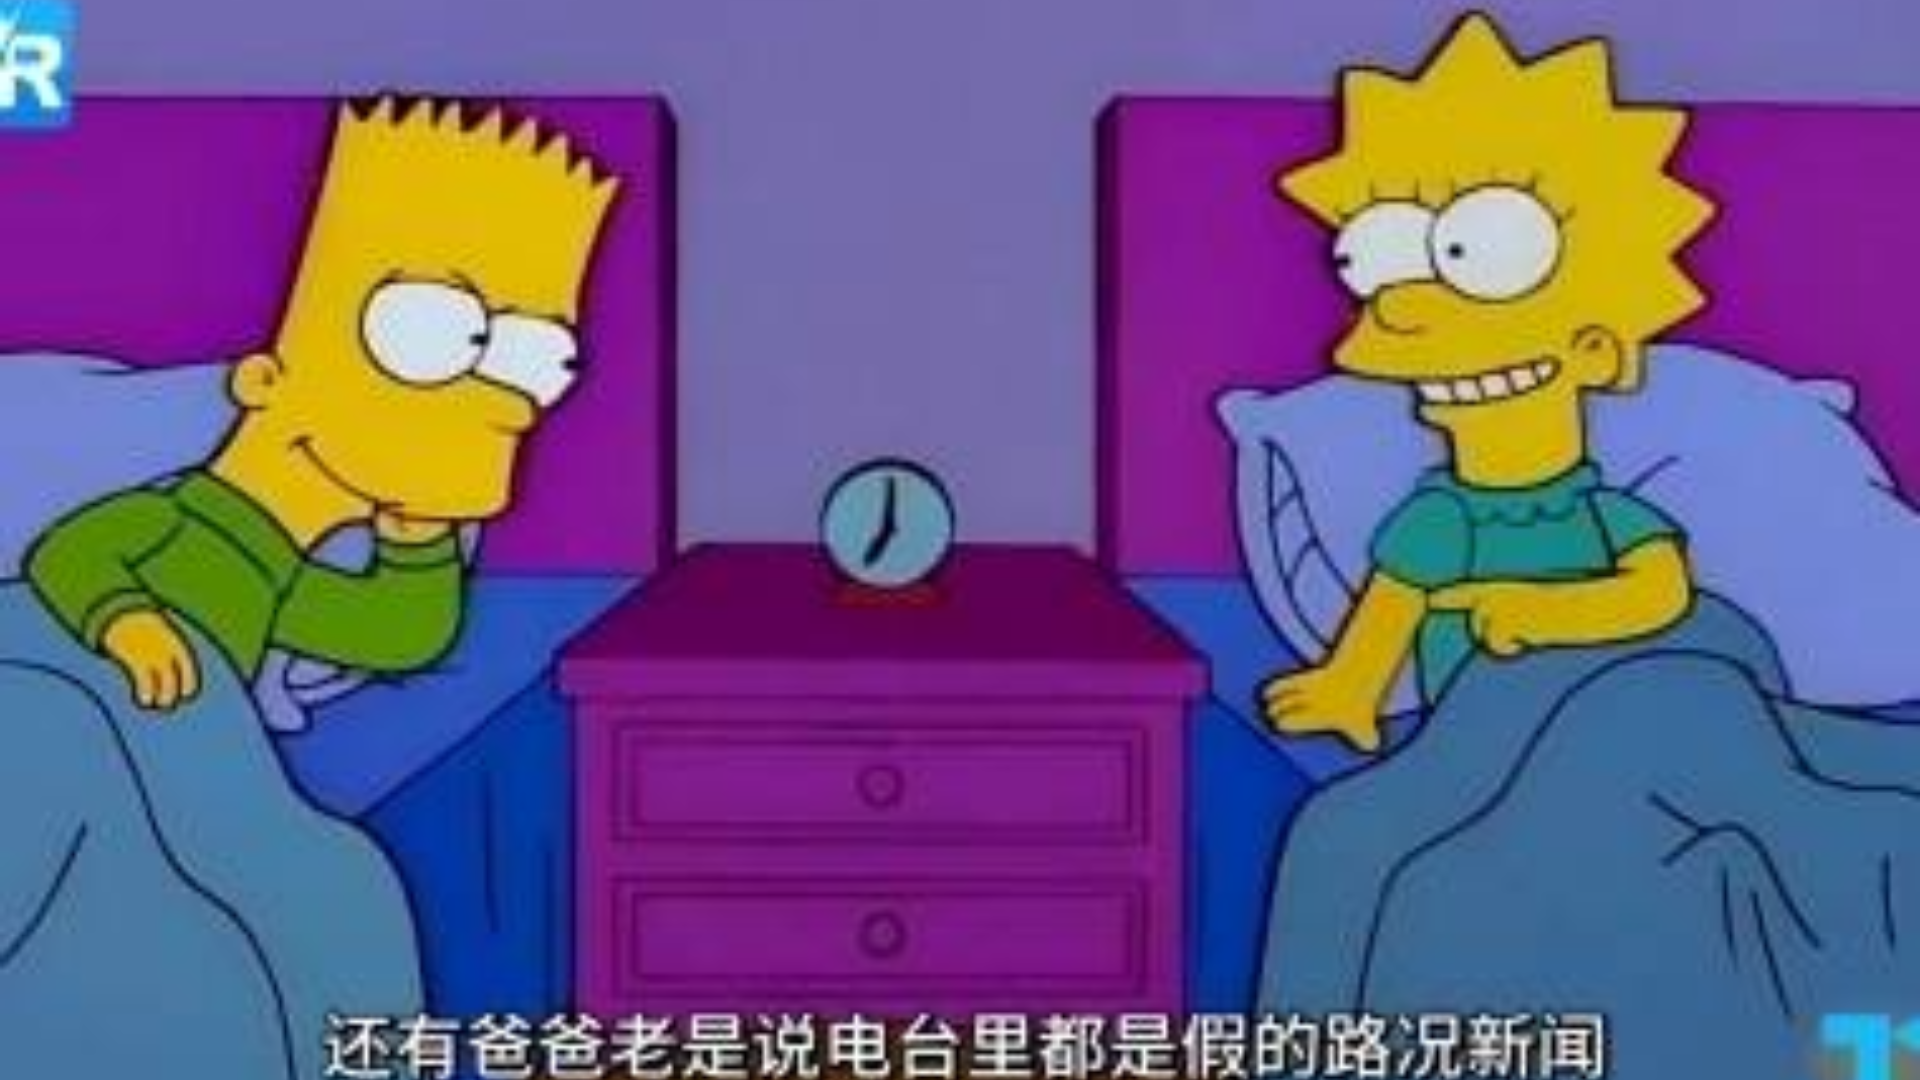 《瑞克和莫蒂》是如何干掉《辛普森一家》成为最受欢迎成人动画的?